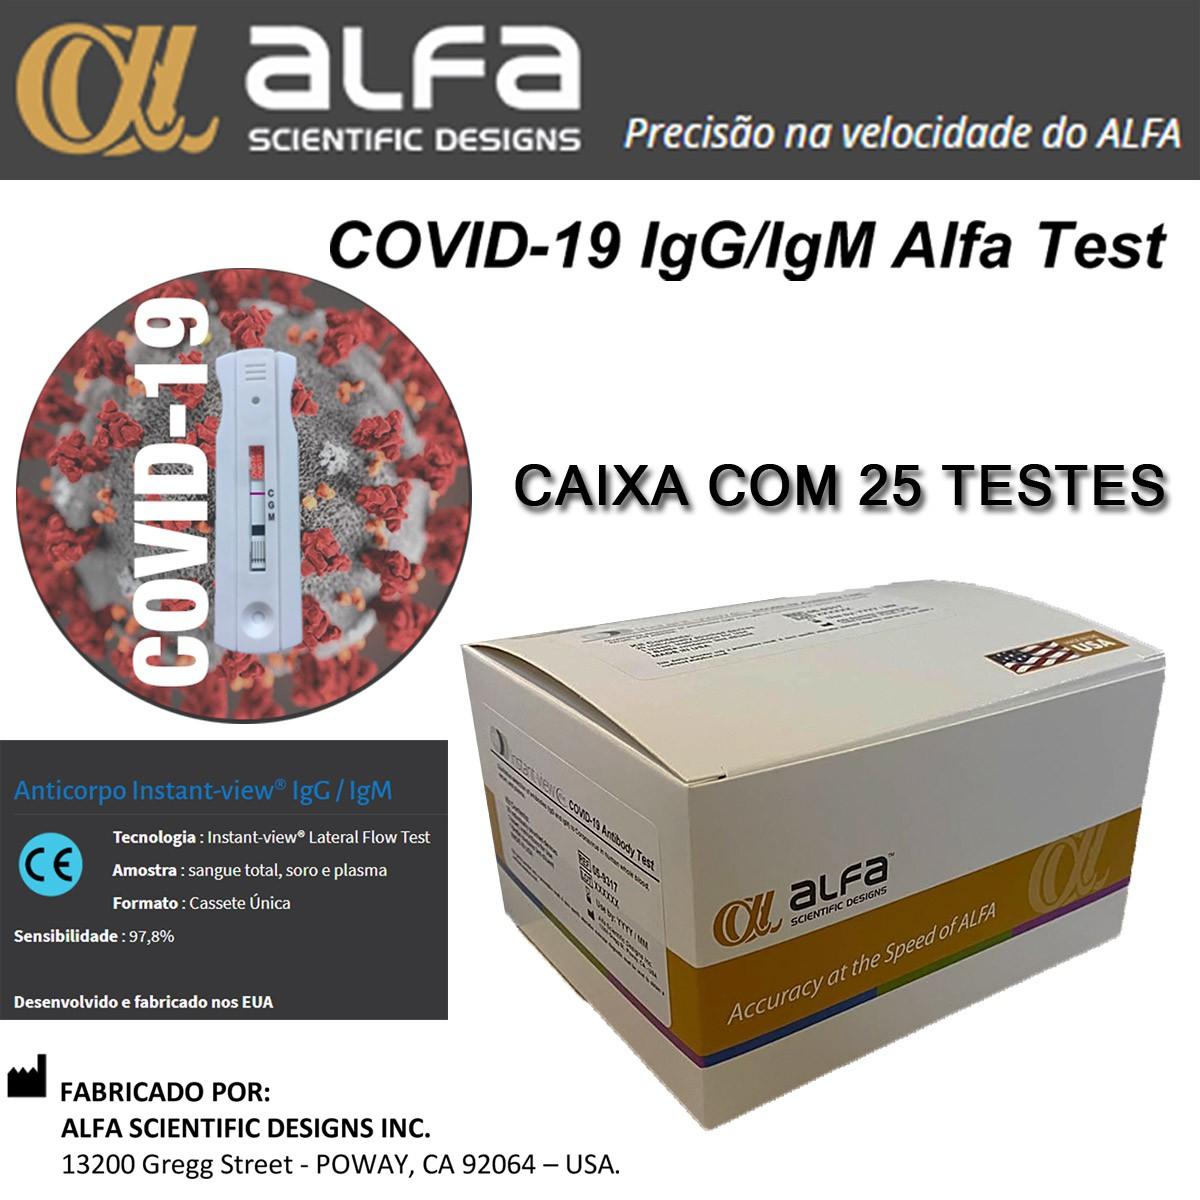 Teste Rápido COVID-19 IgM/IgG ALFA TEST - Caixa com 25 unidades  - Testes Para Drogas e COVID-19. Máscaras e Como Parar de Beber e Fumar